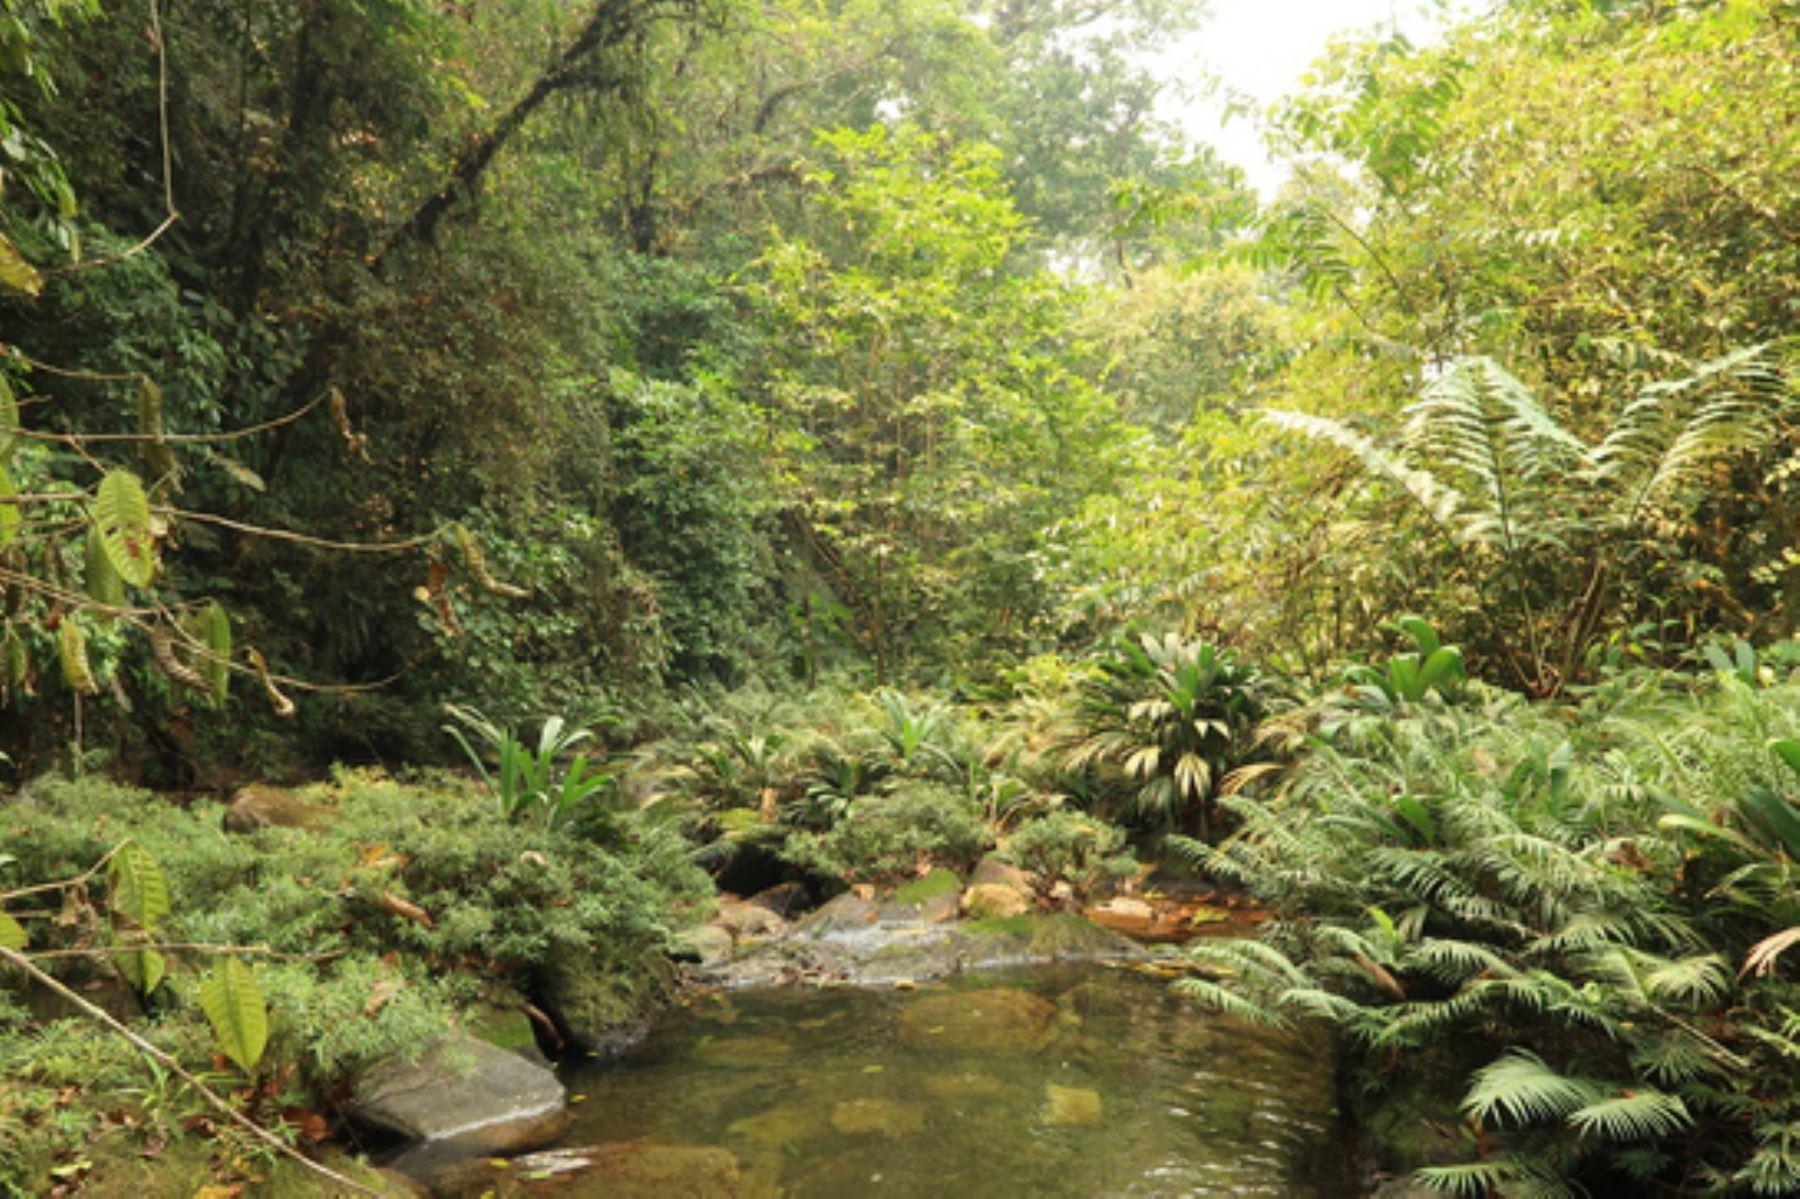 Potsom Posho´II conserva la diversidad de flora y fauna silvestre propia de la ecorregión de bosques húmedos de Ucayali y el ecosistema de bosques de colina baja. Foto: ANDINA/Difusión